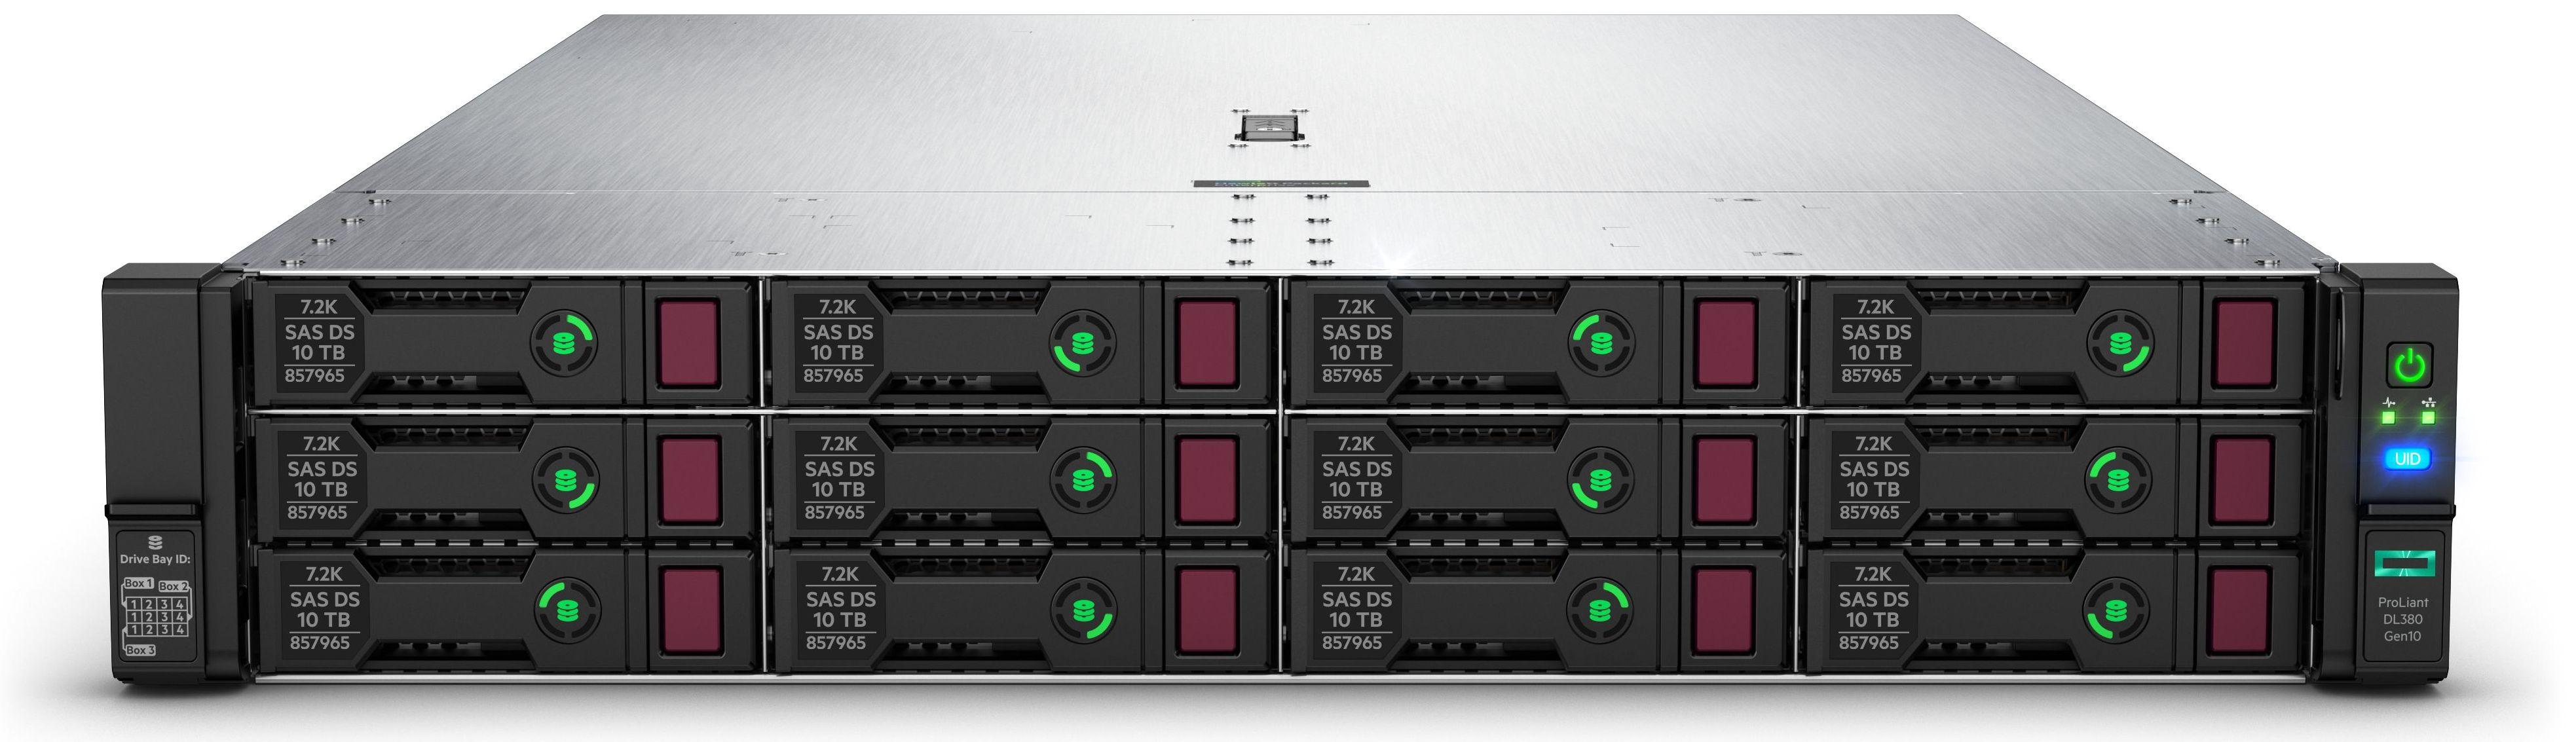 DL380 Gen10 12LFF